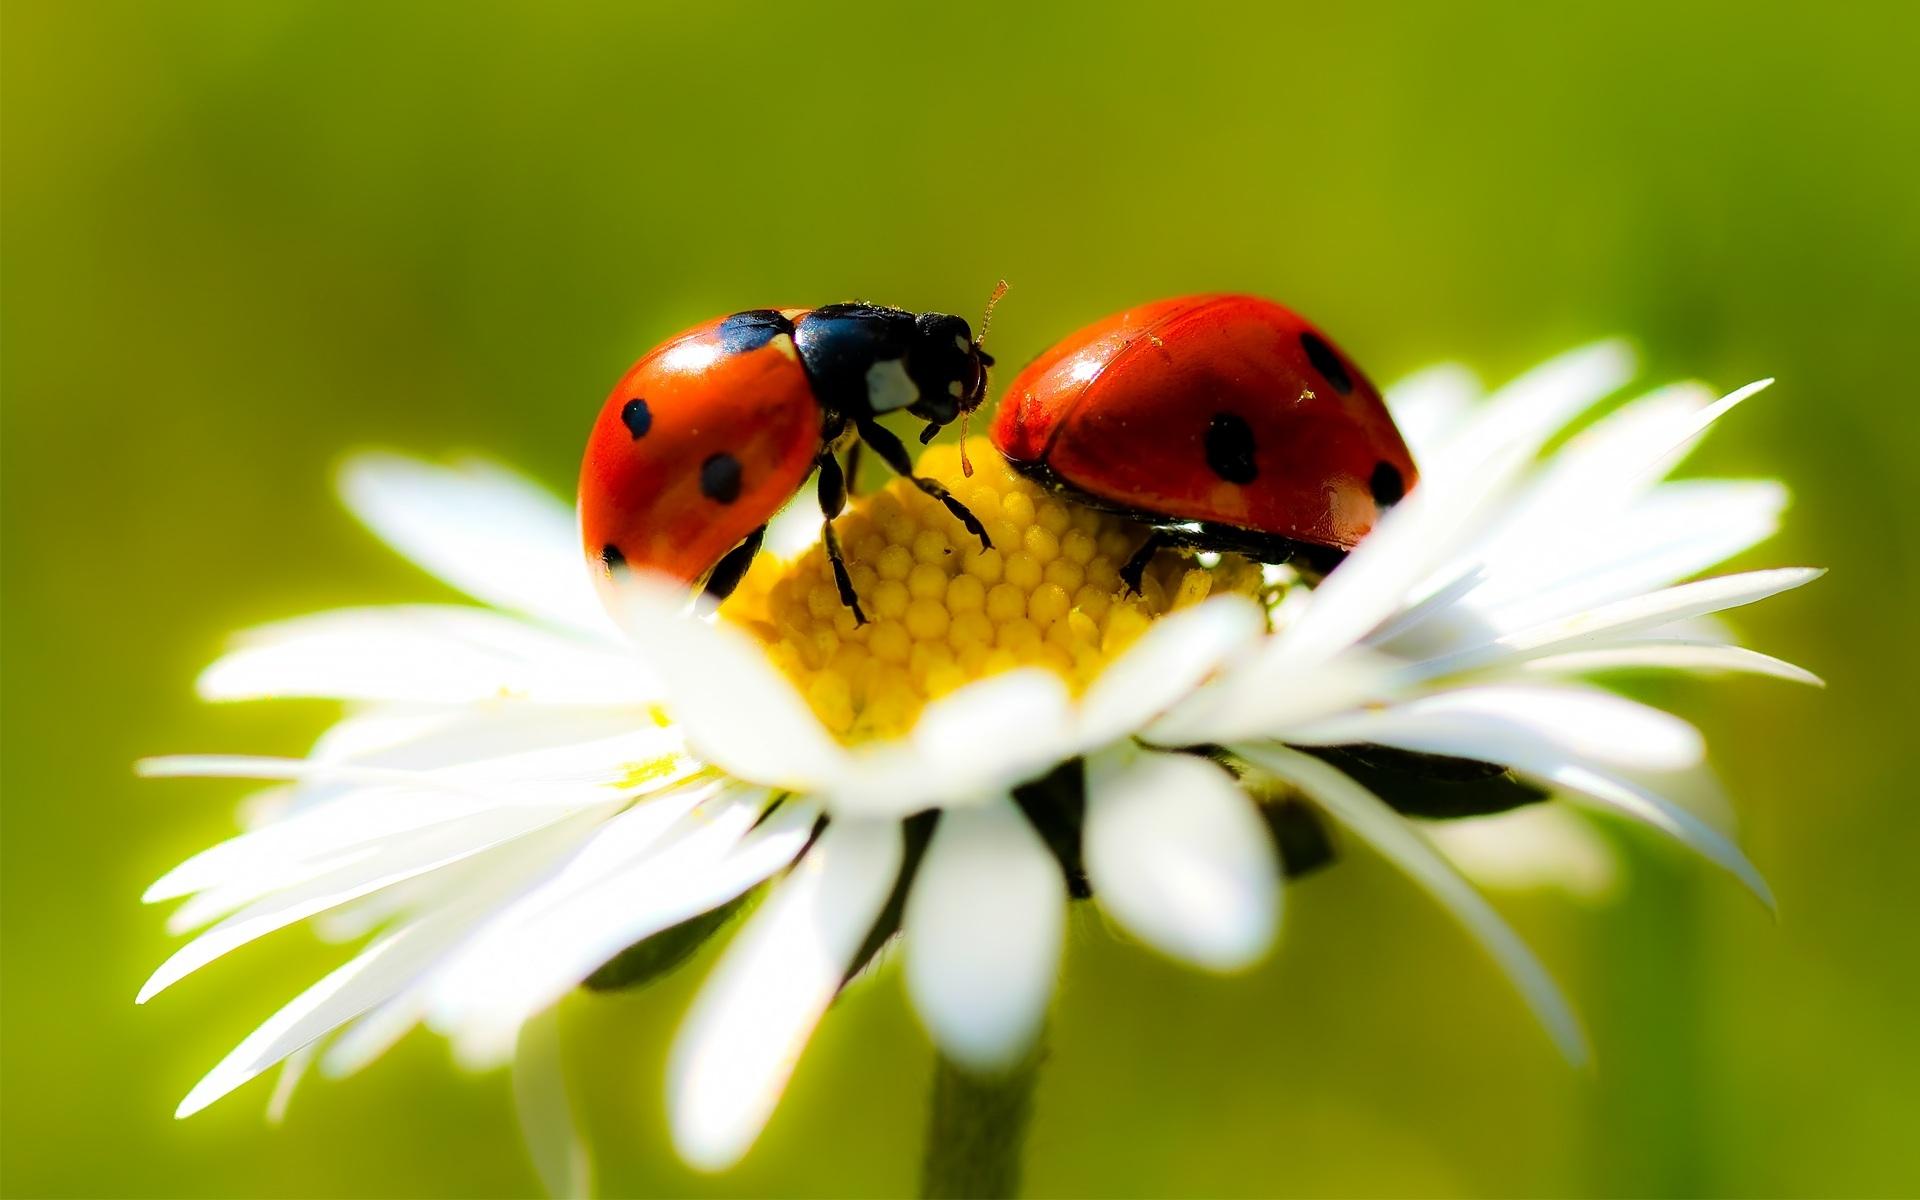 Joaninhas são insetos carnívoros que comem até mesmo larvas de lagartos